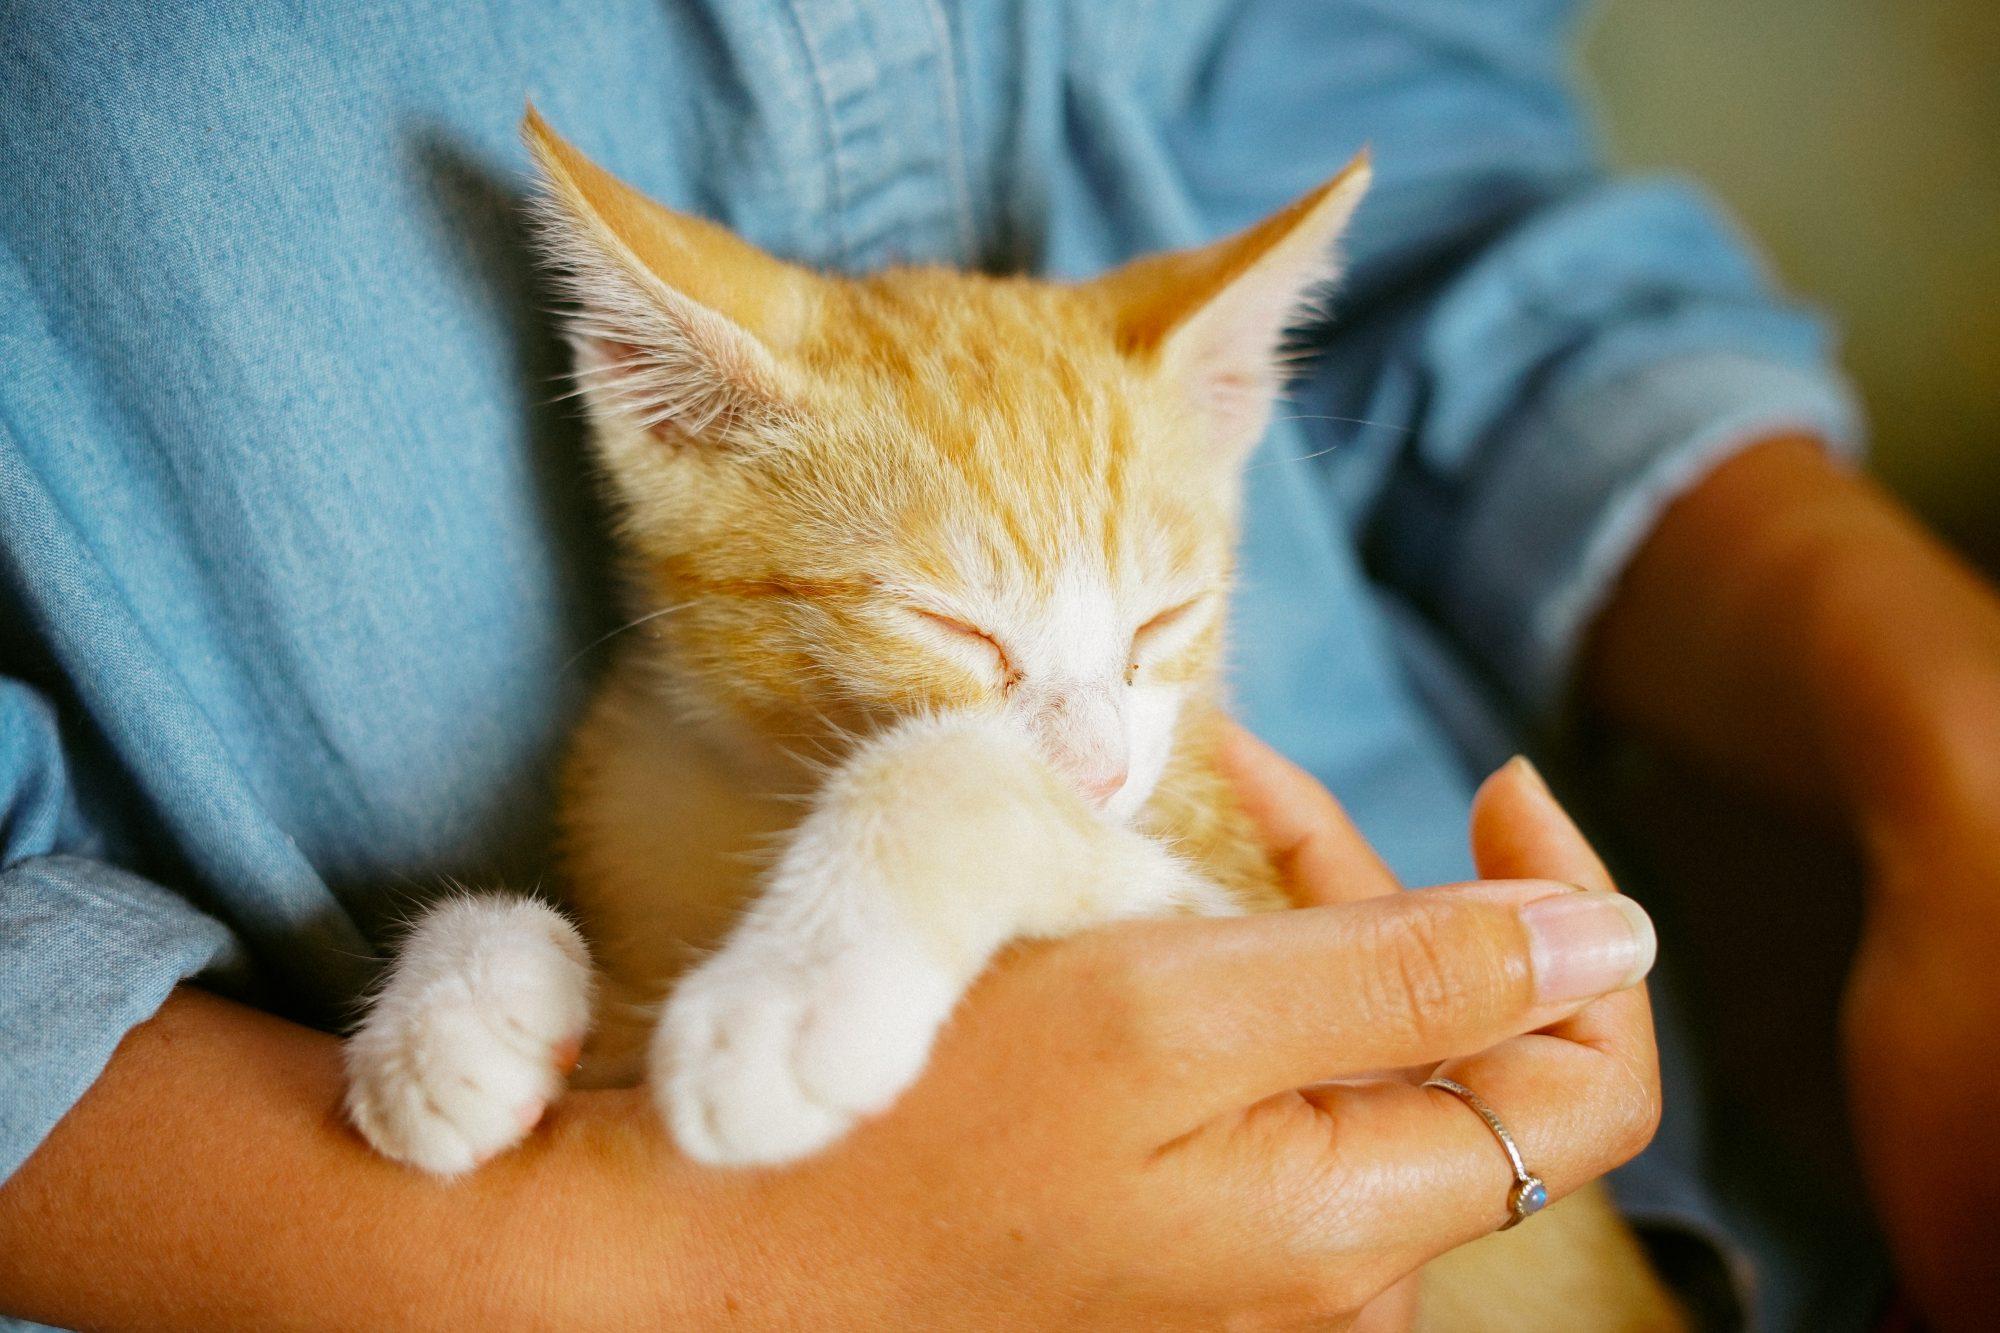 manki-kim-unsplash-cat